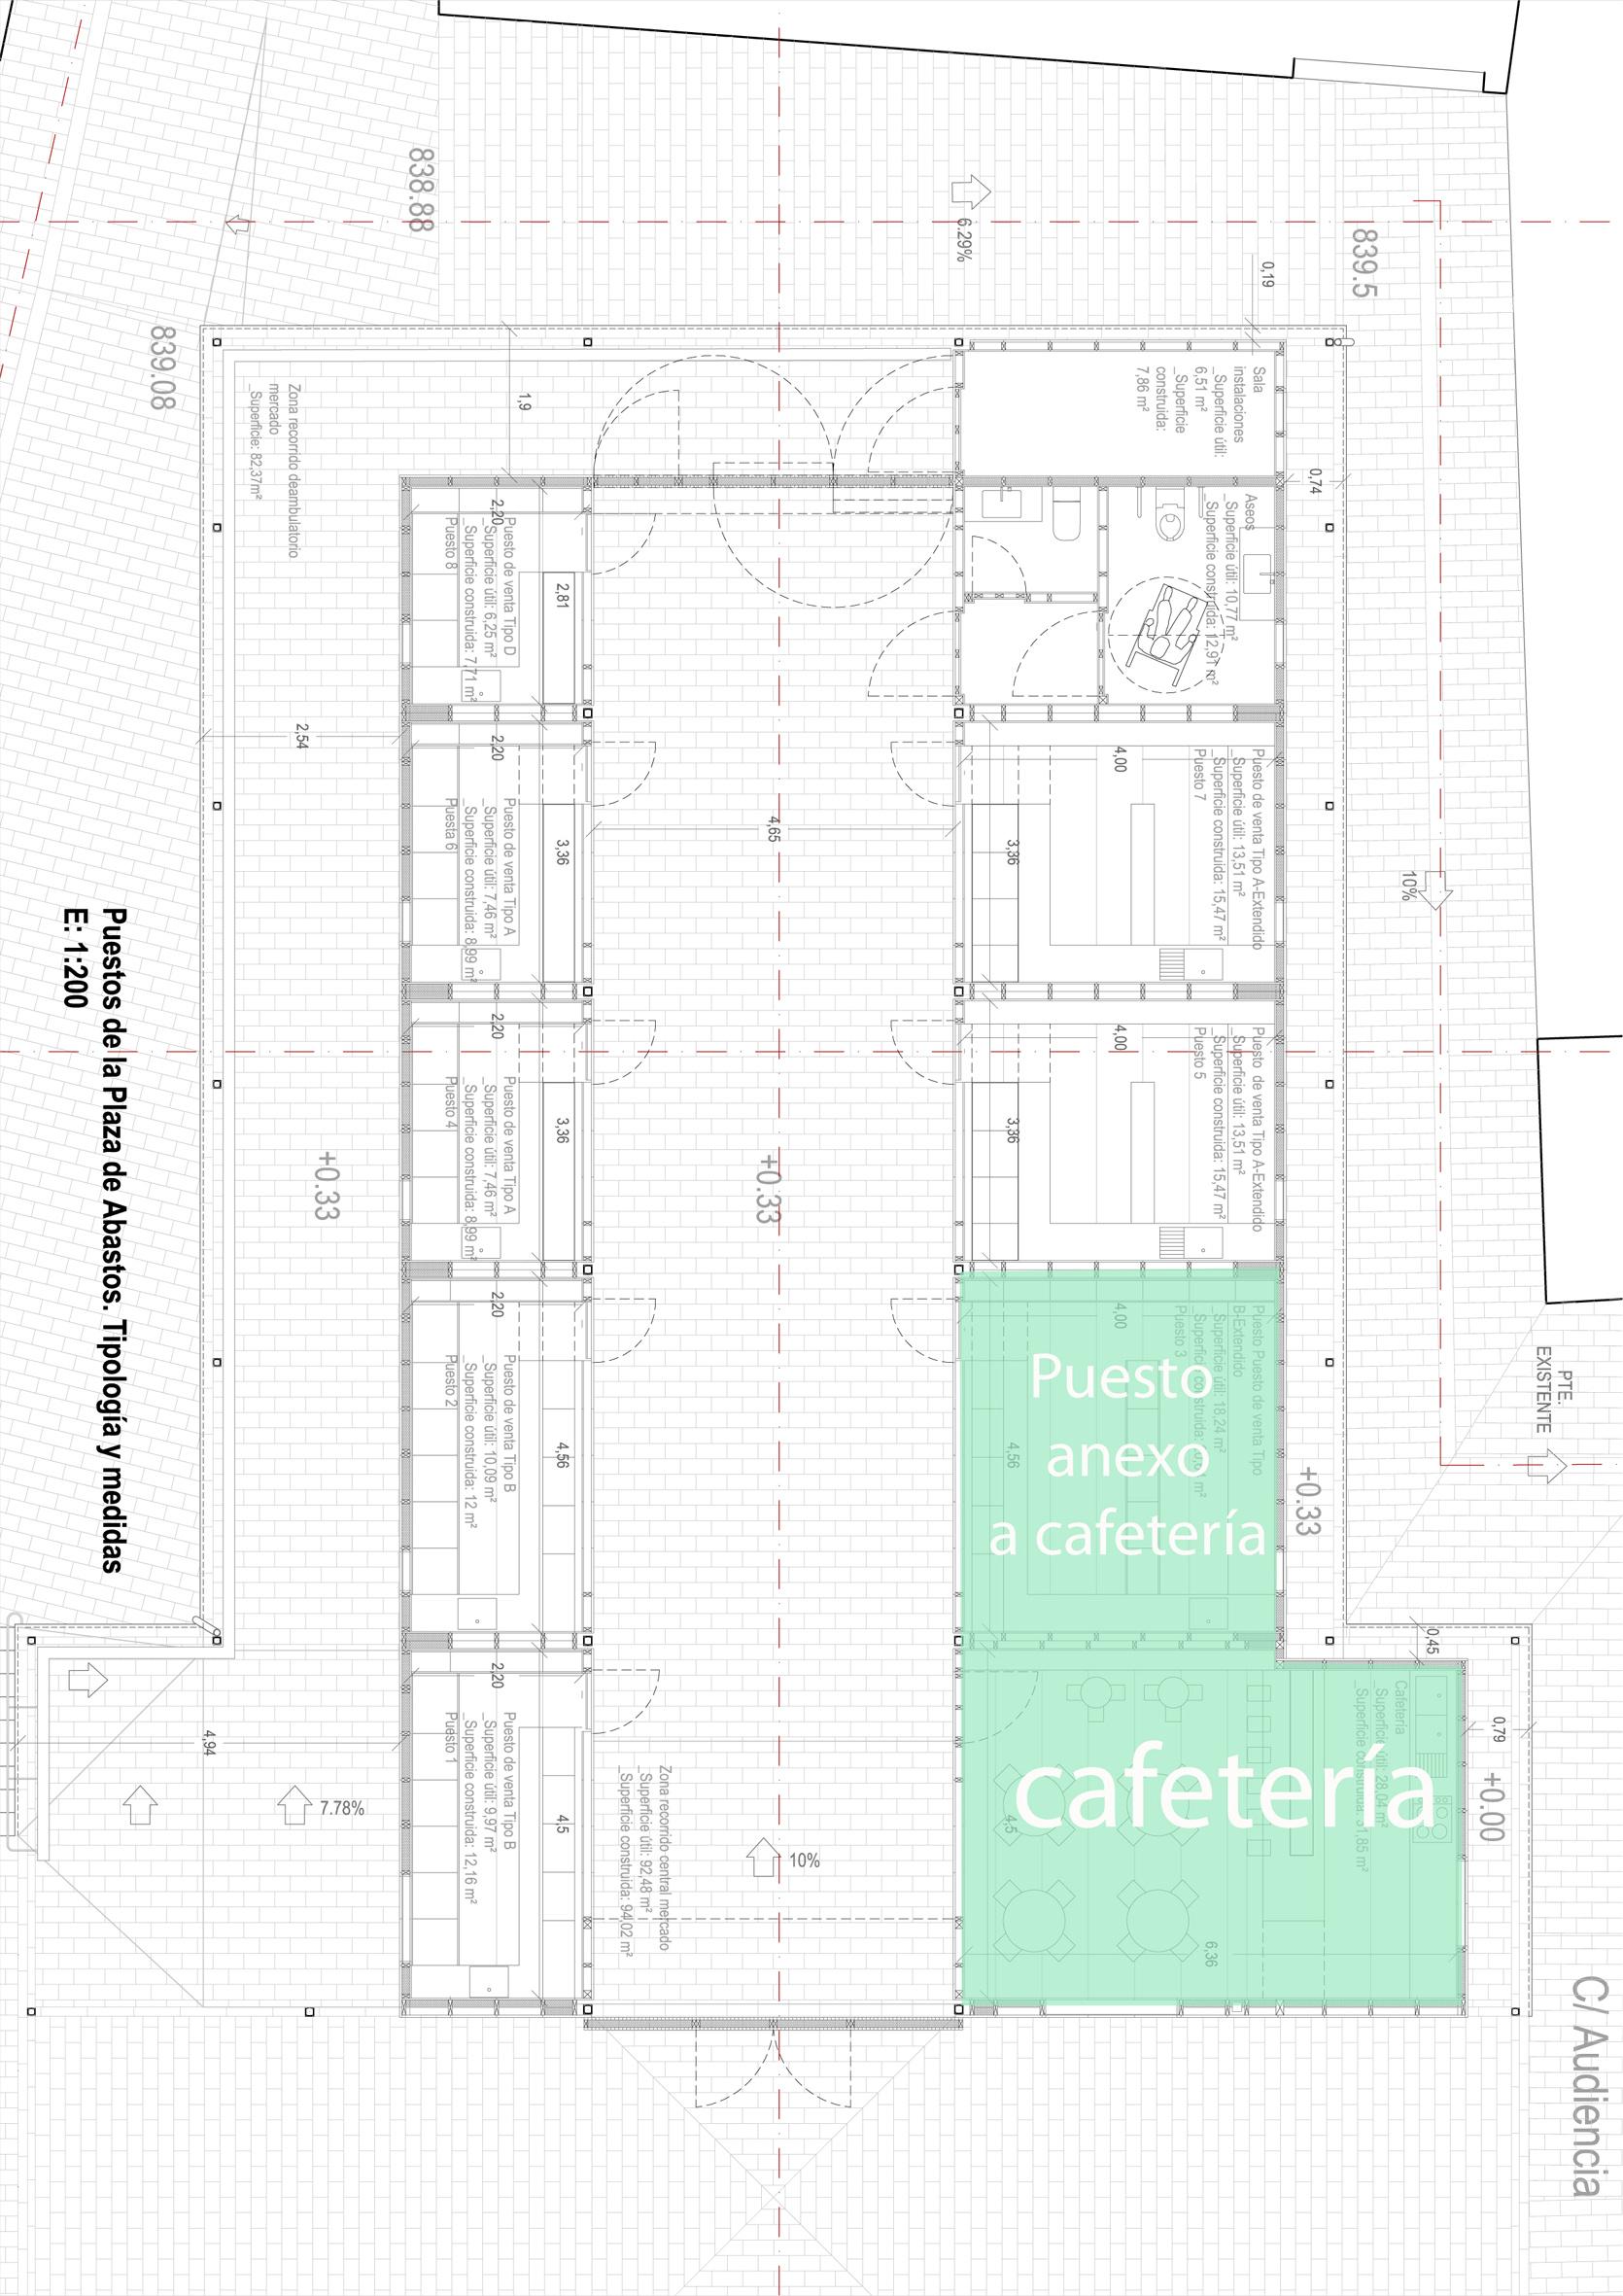 Plano de la cafetería de la Plaza de Abastos